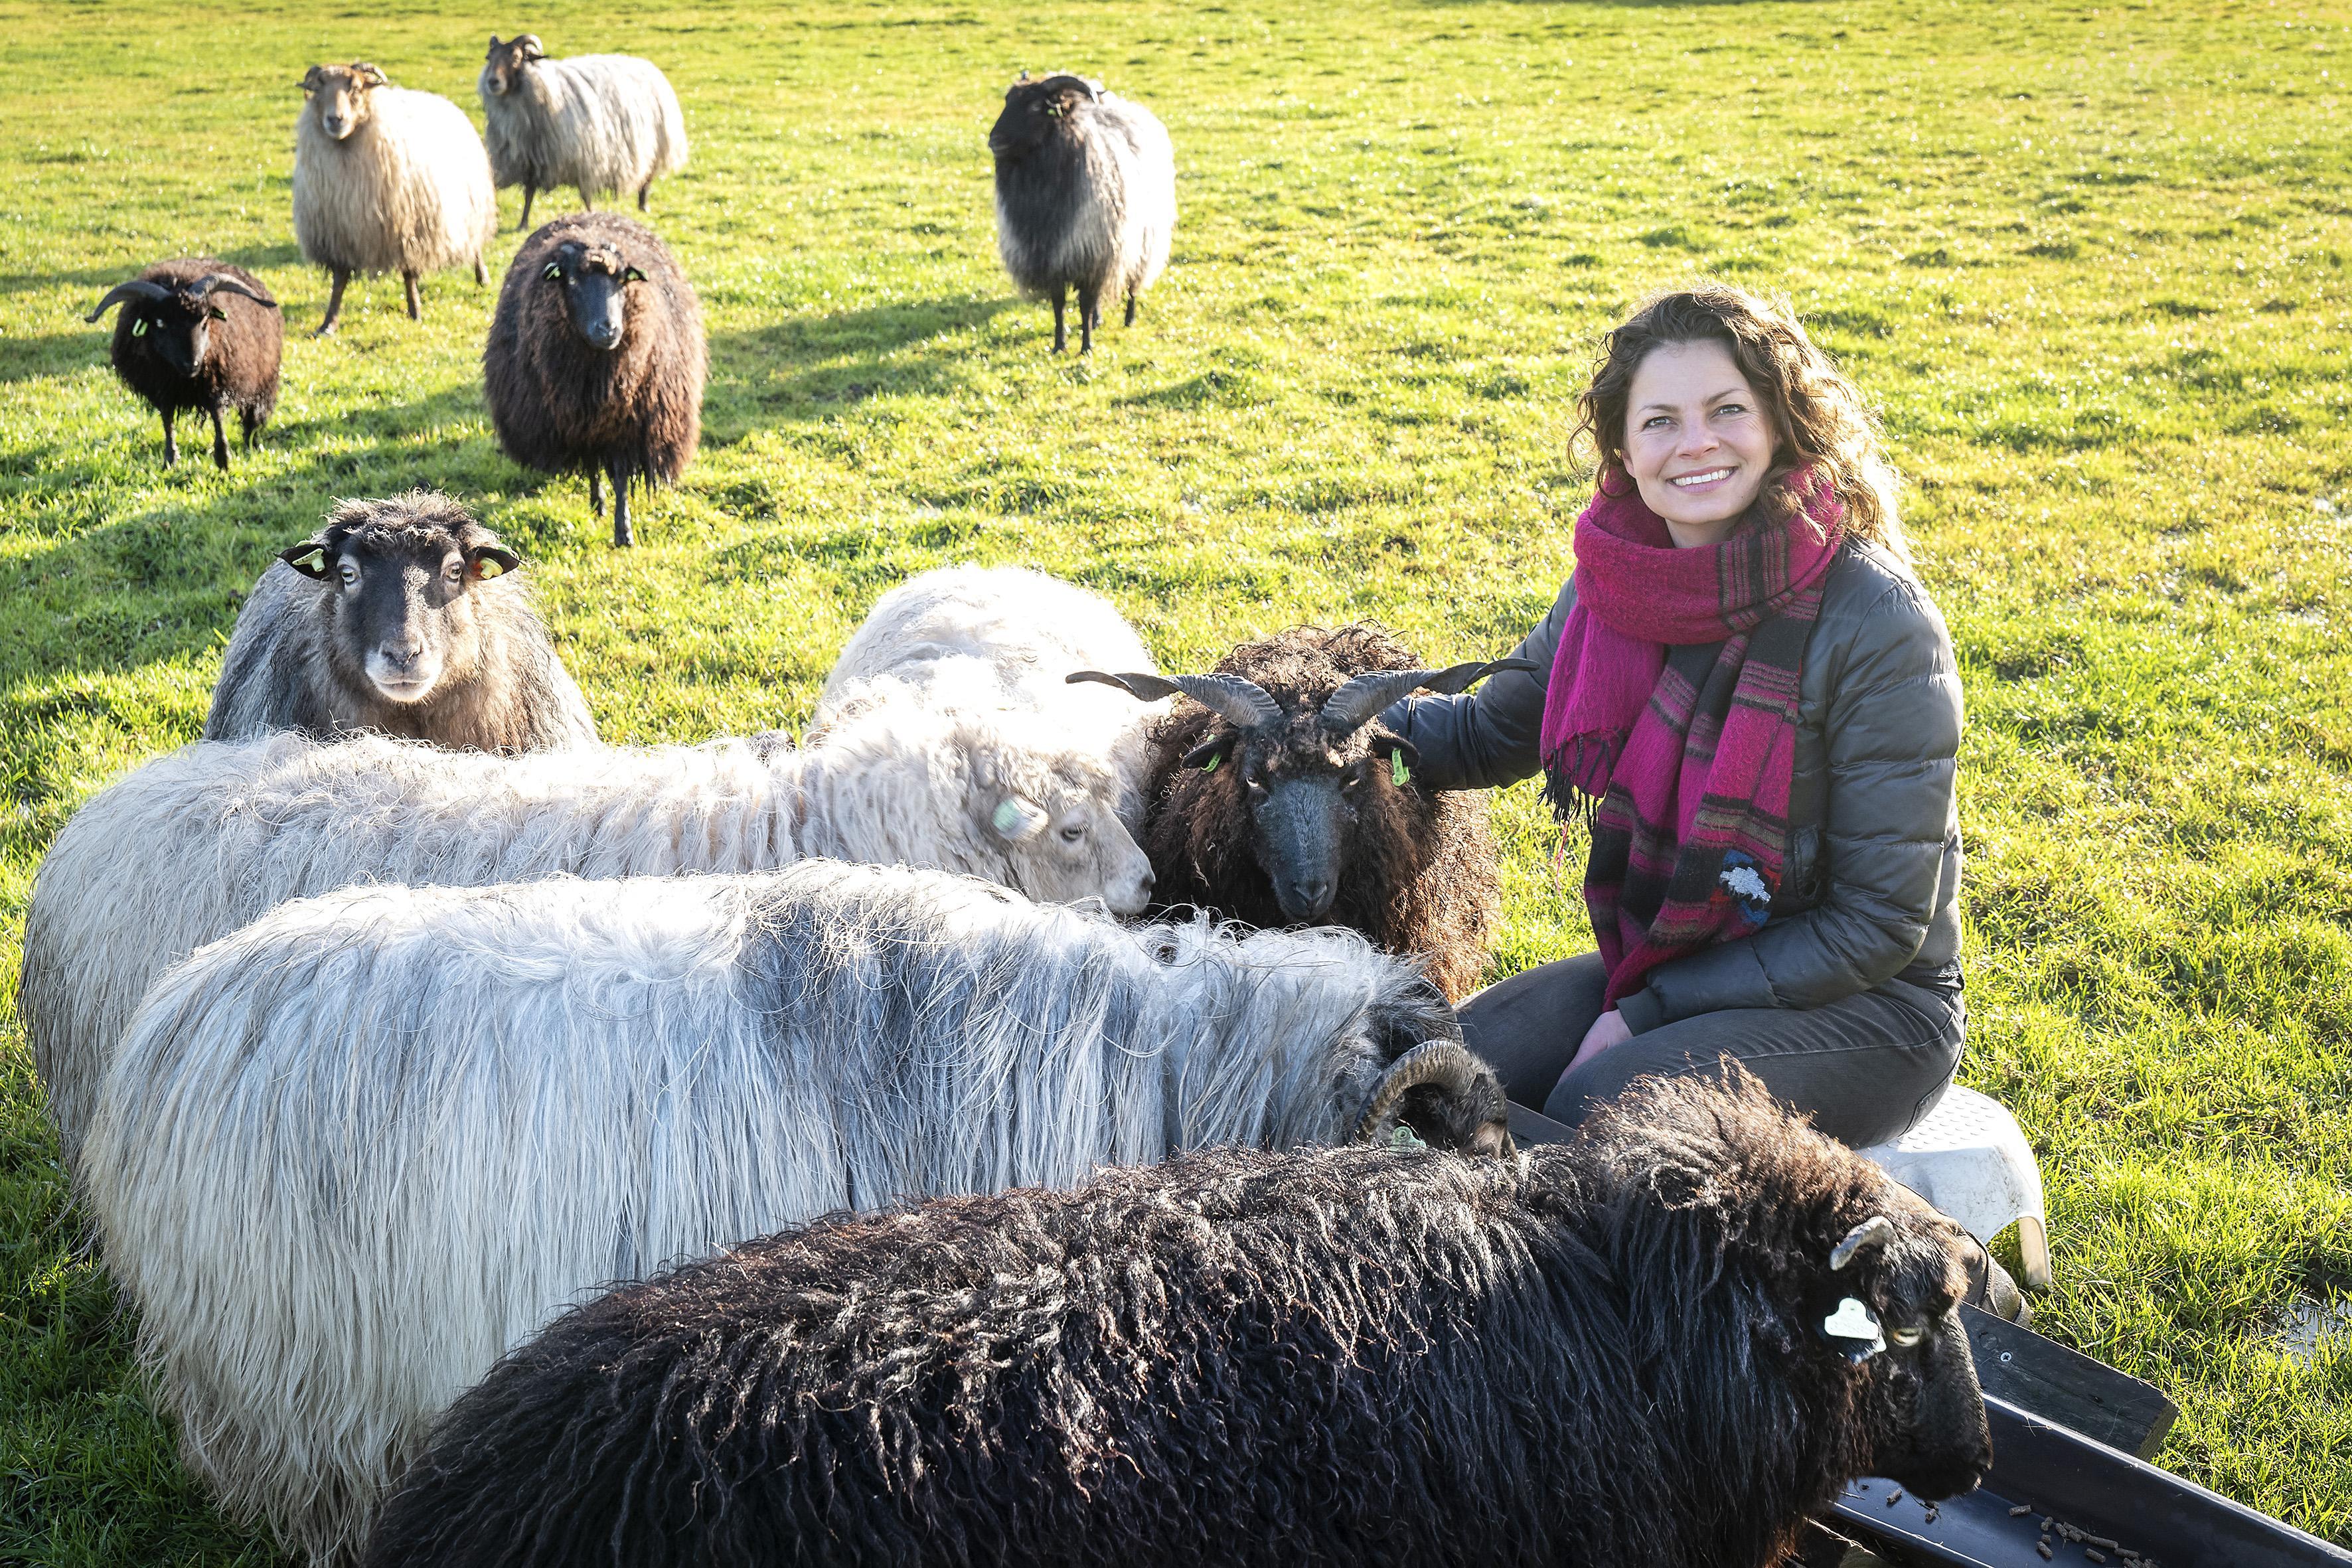 Wol uit een wei in Vijfhuizen, 'Natalie Wool' heeft haar eigen schapen